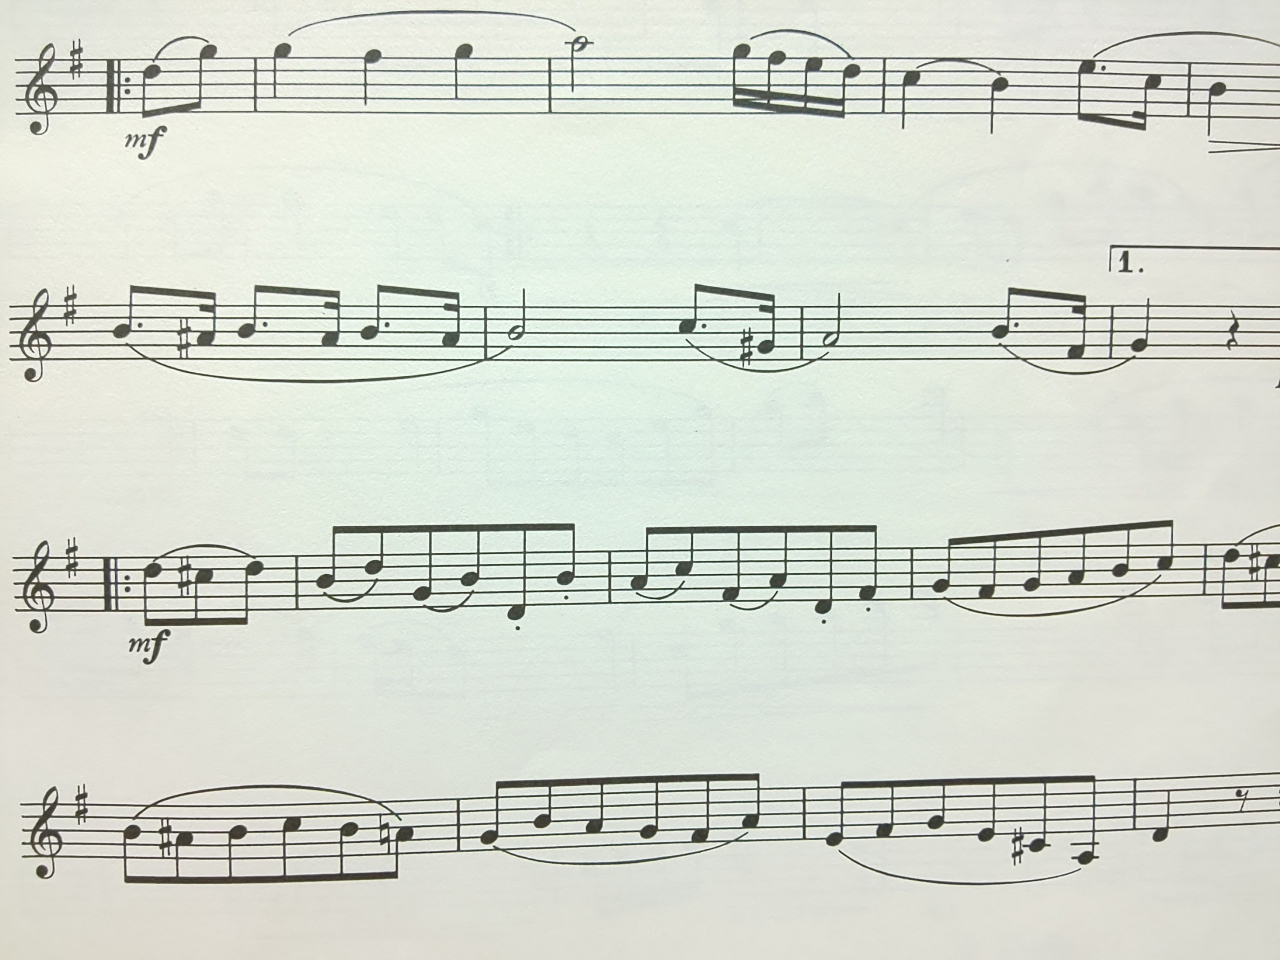 アーティキュレーションの練習になる曲の楽譜サンプル